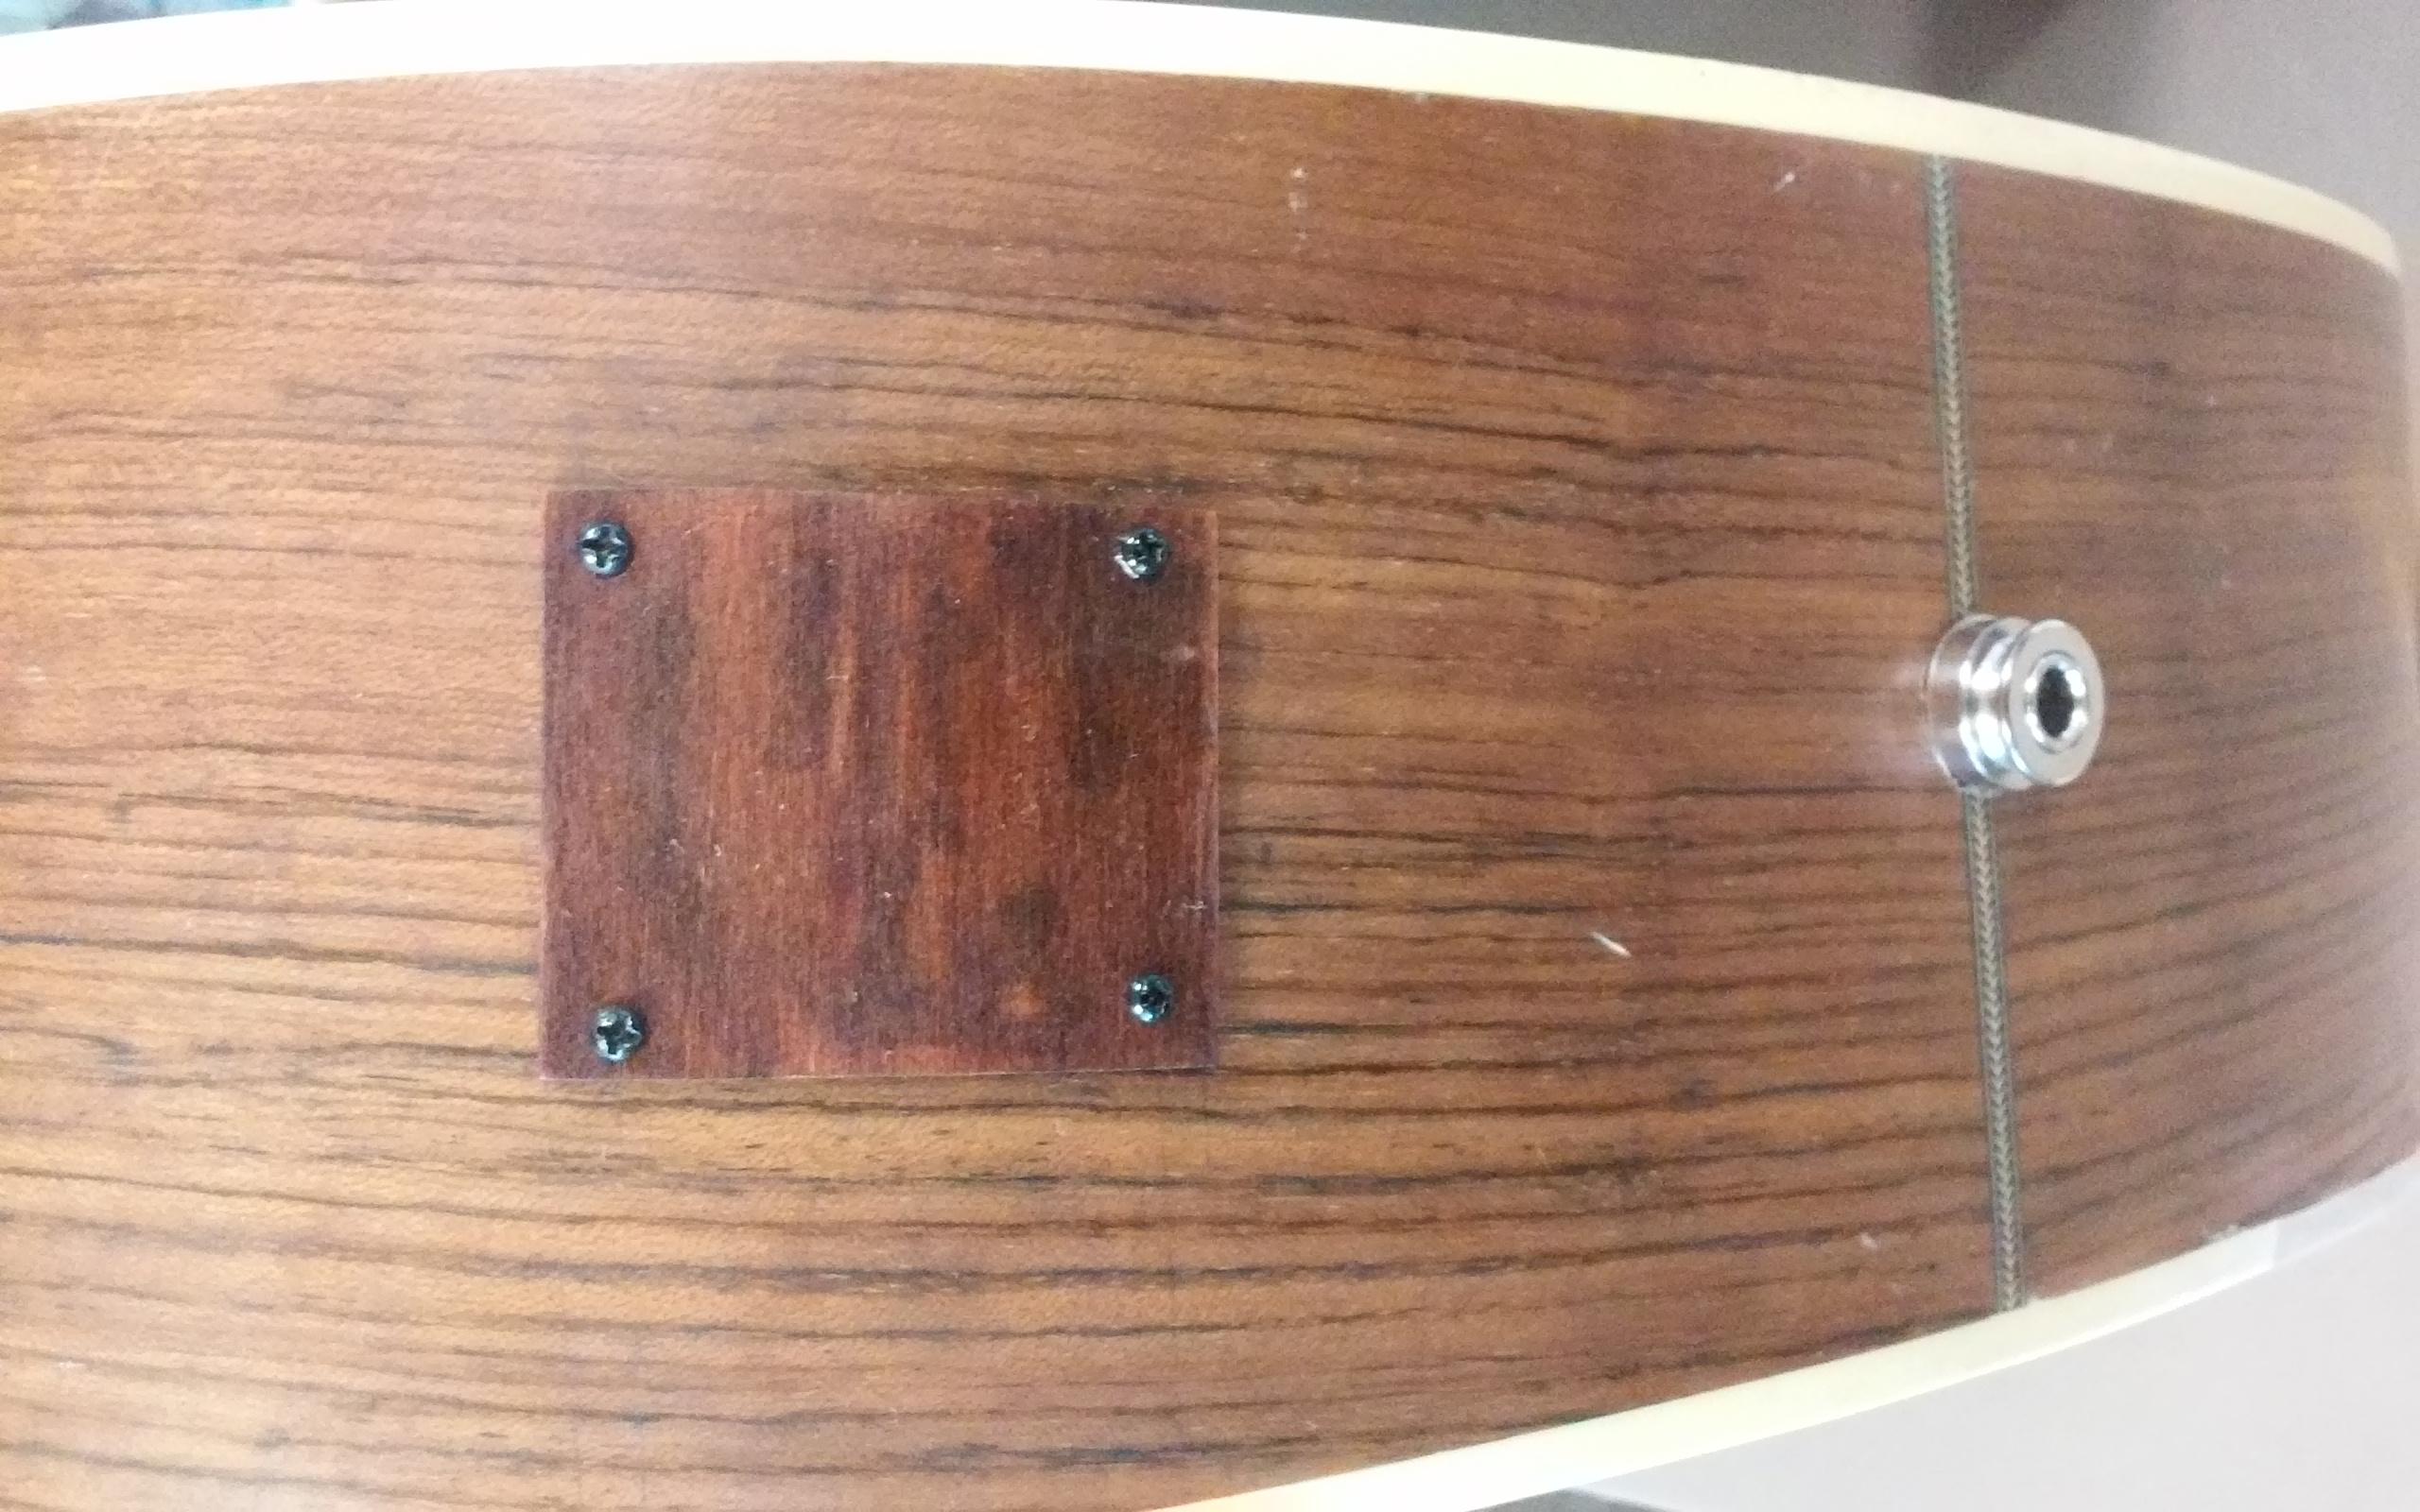 Acoustic repair plate